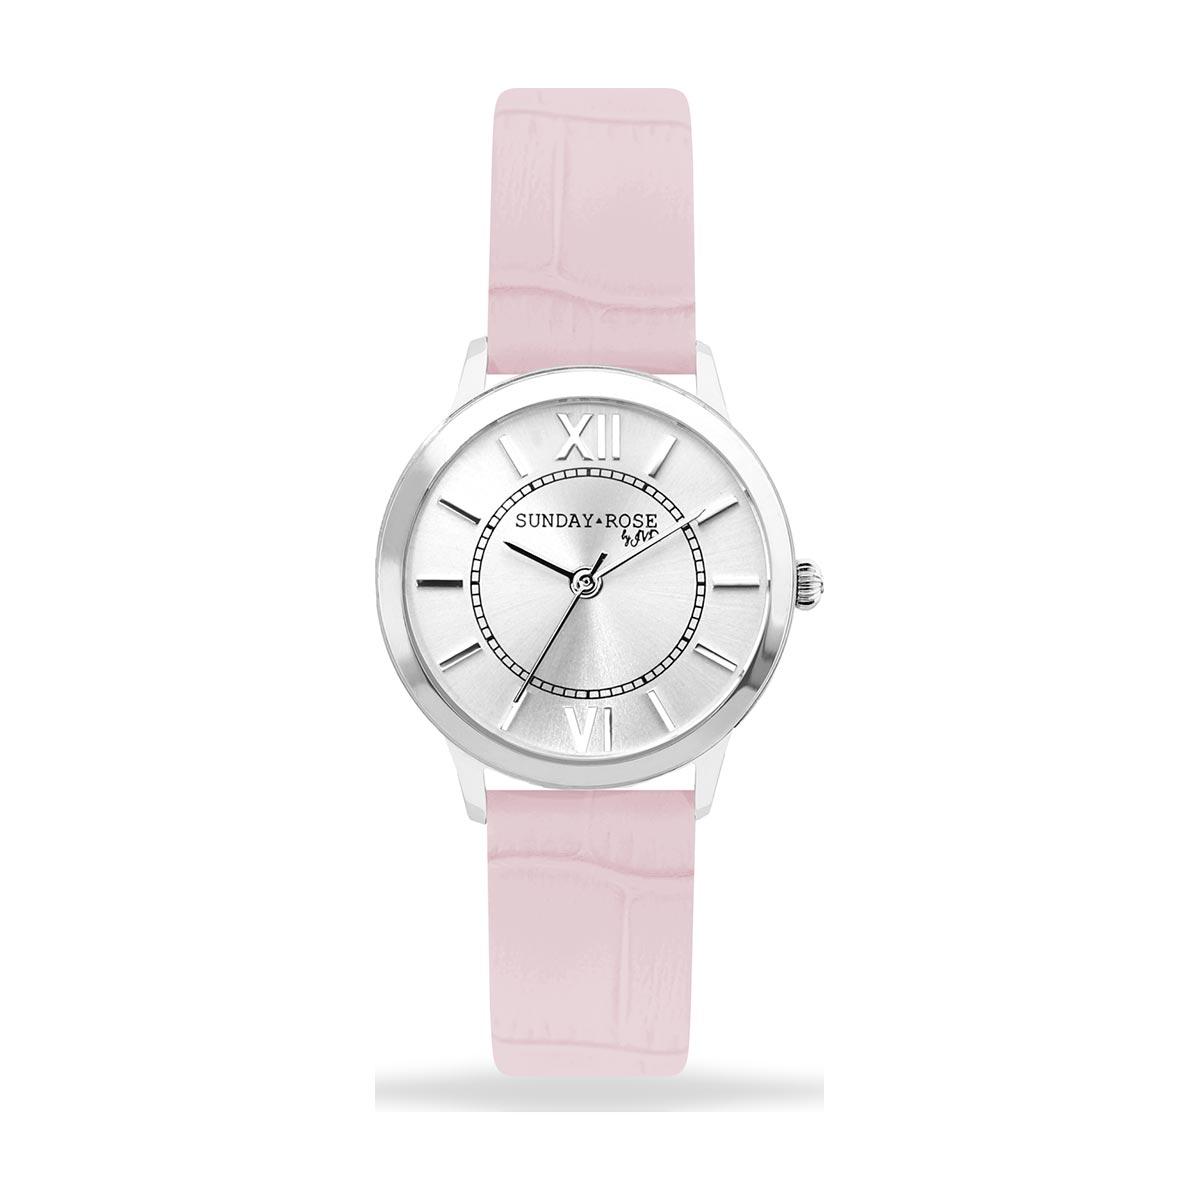 Dámské hodinky SUNDAY ROSE Darling SWEET PINK - Hodinky Casio a Citizen 34f0bf4c06